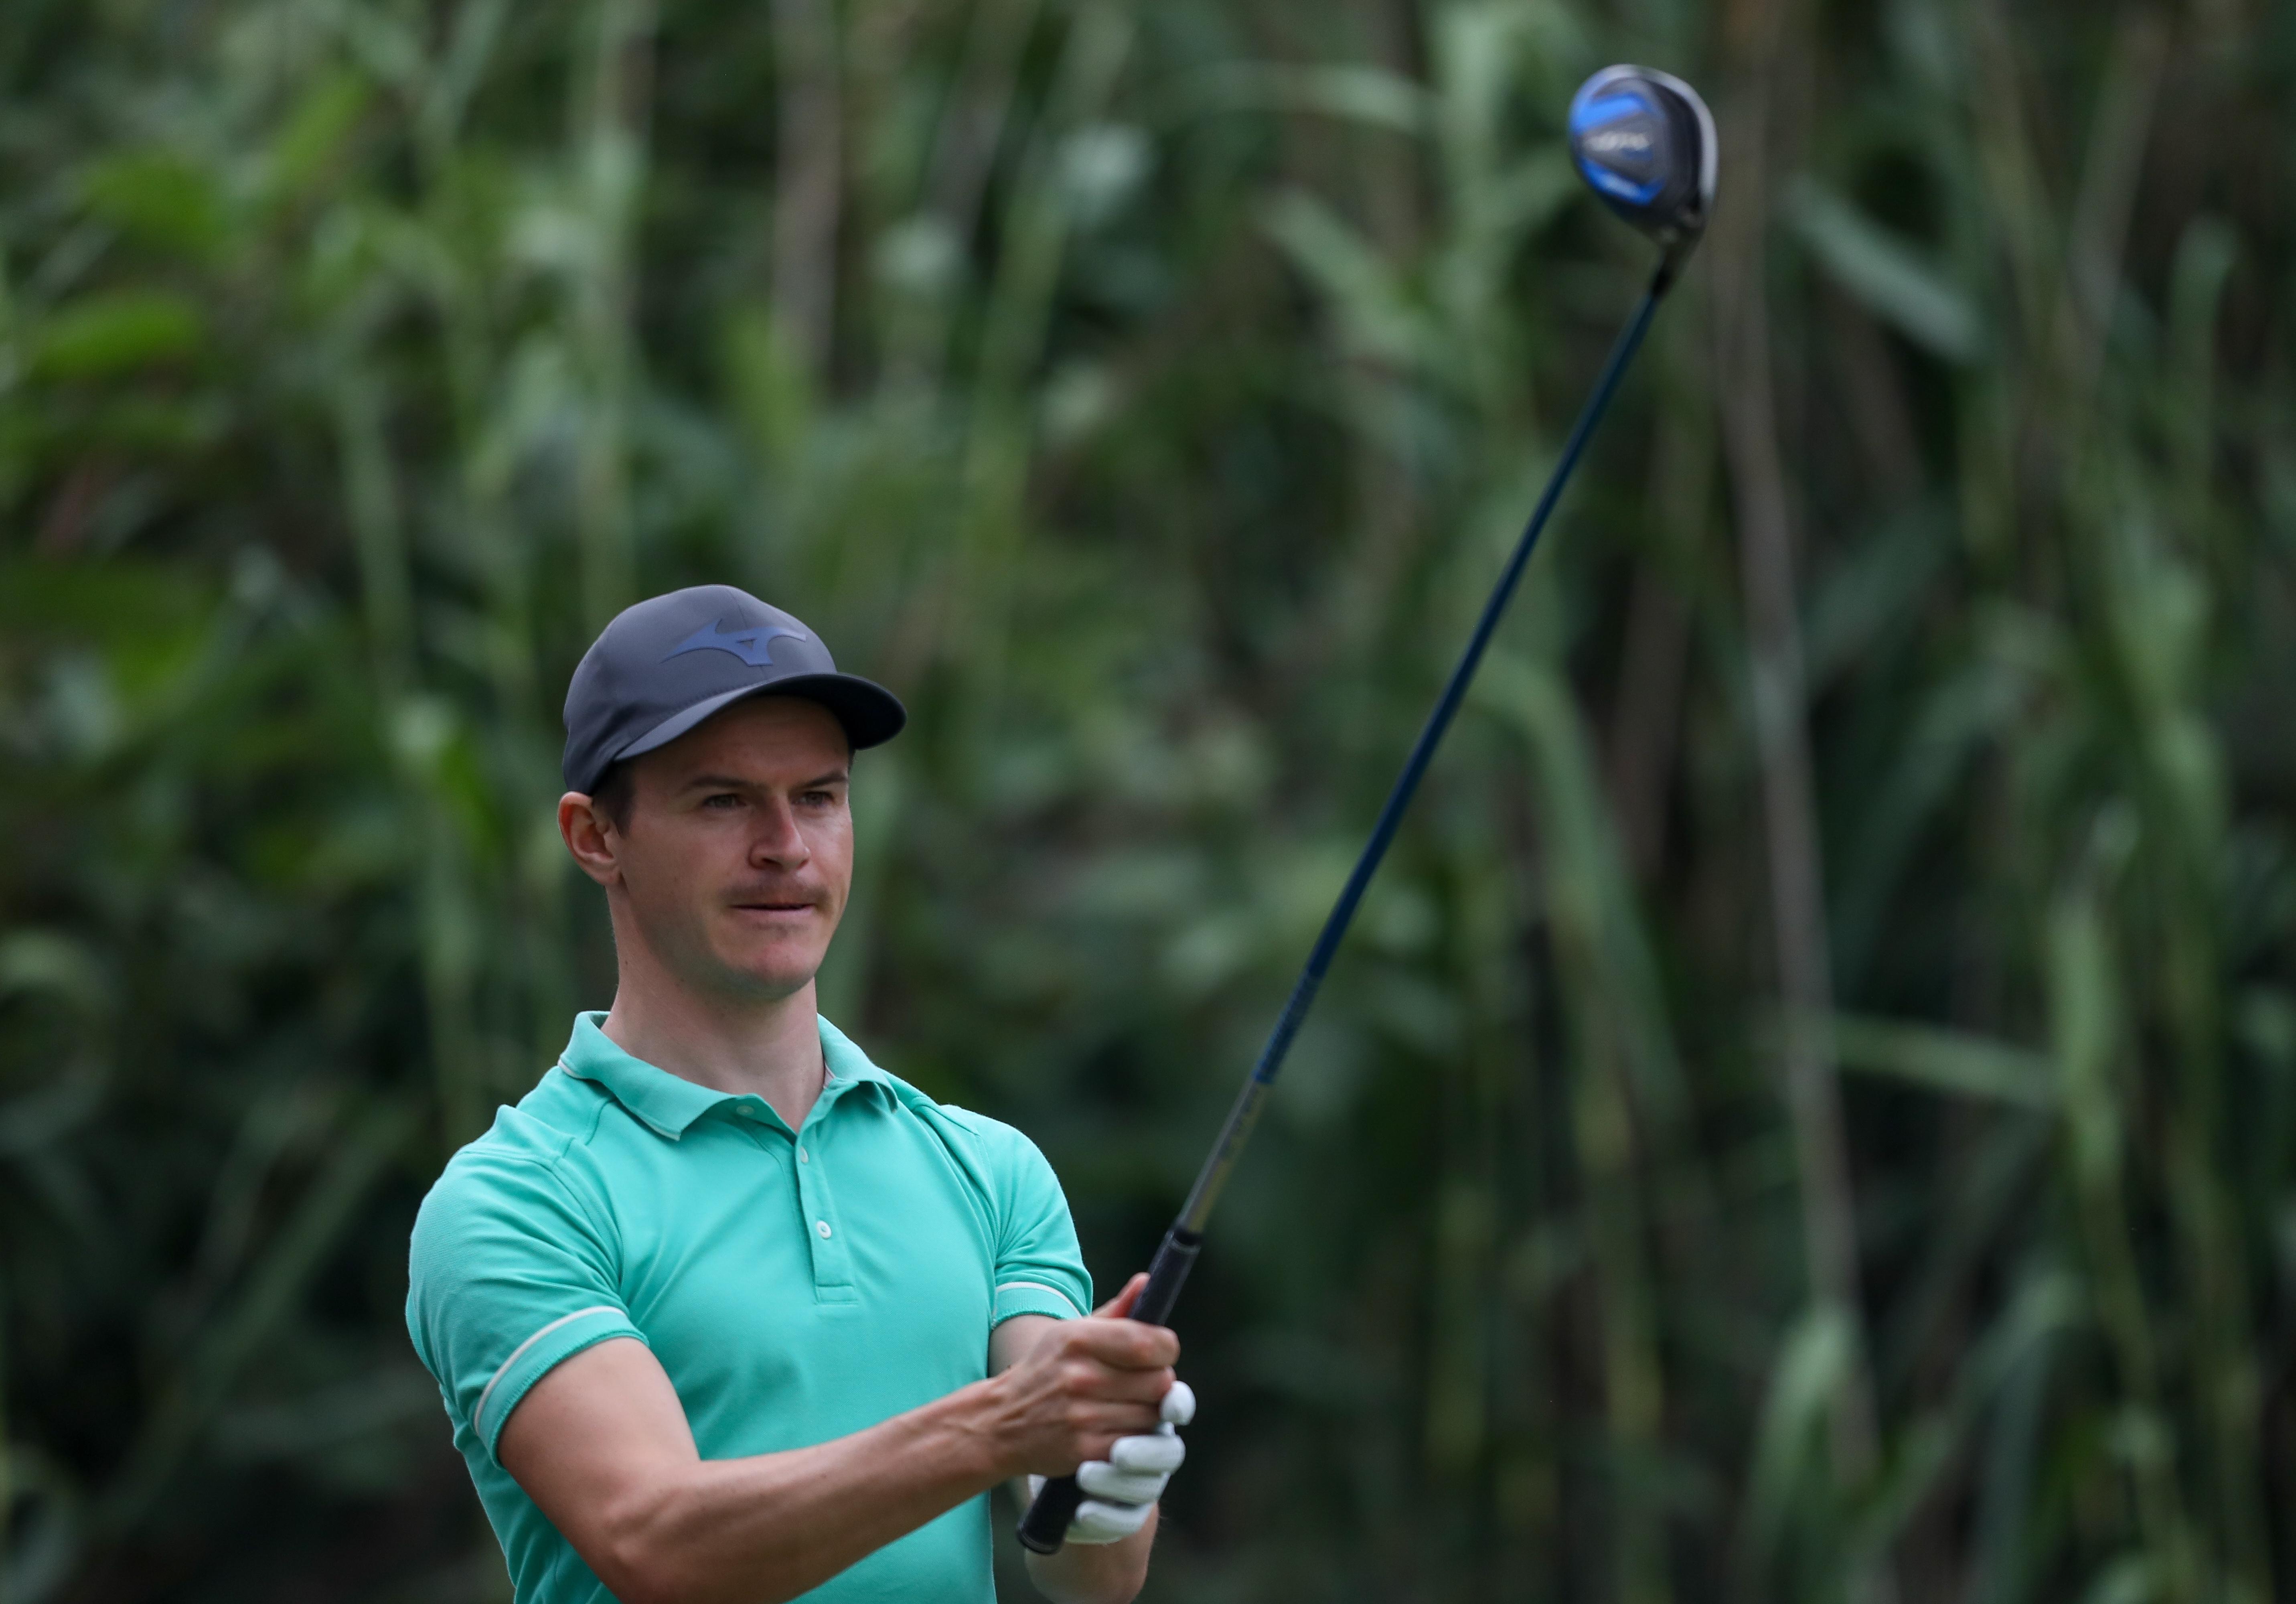 Golfer Daan Huizing ziet ondanks ontbreken uitschieter winst in gek coronaseizoen: 'Ik zit niet ver van de top. Als de laatste puzzelstukjes óók op hun plek vallen, kan ik die stap maken'